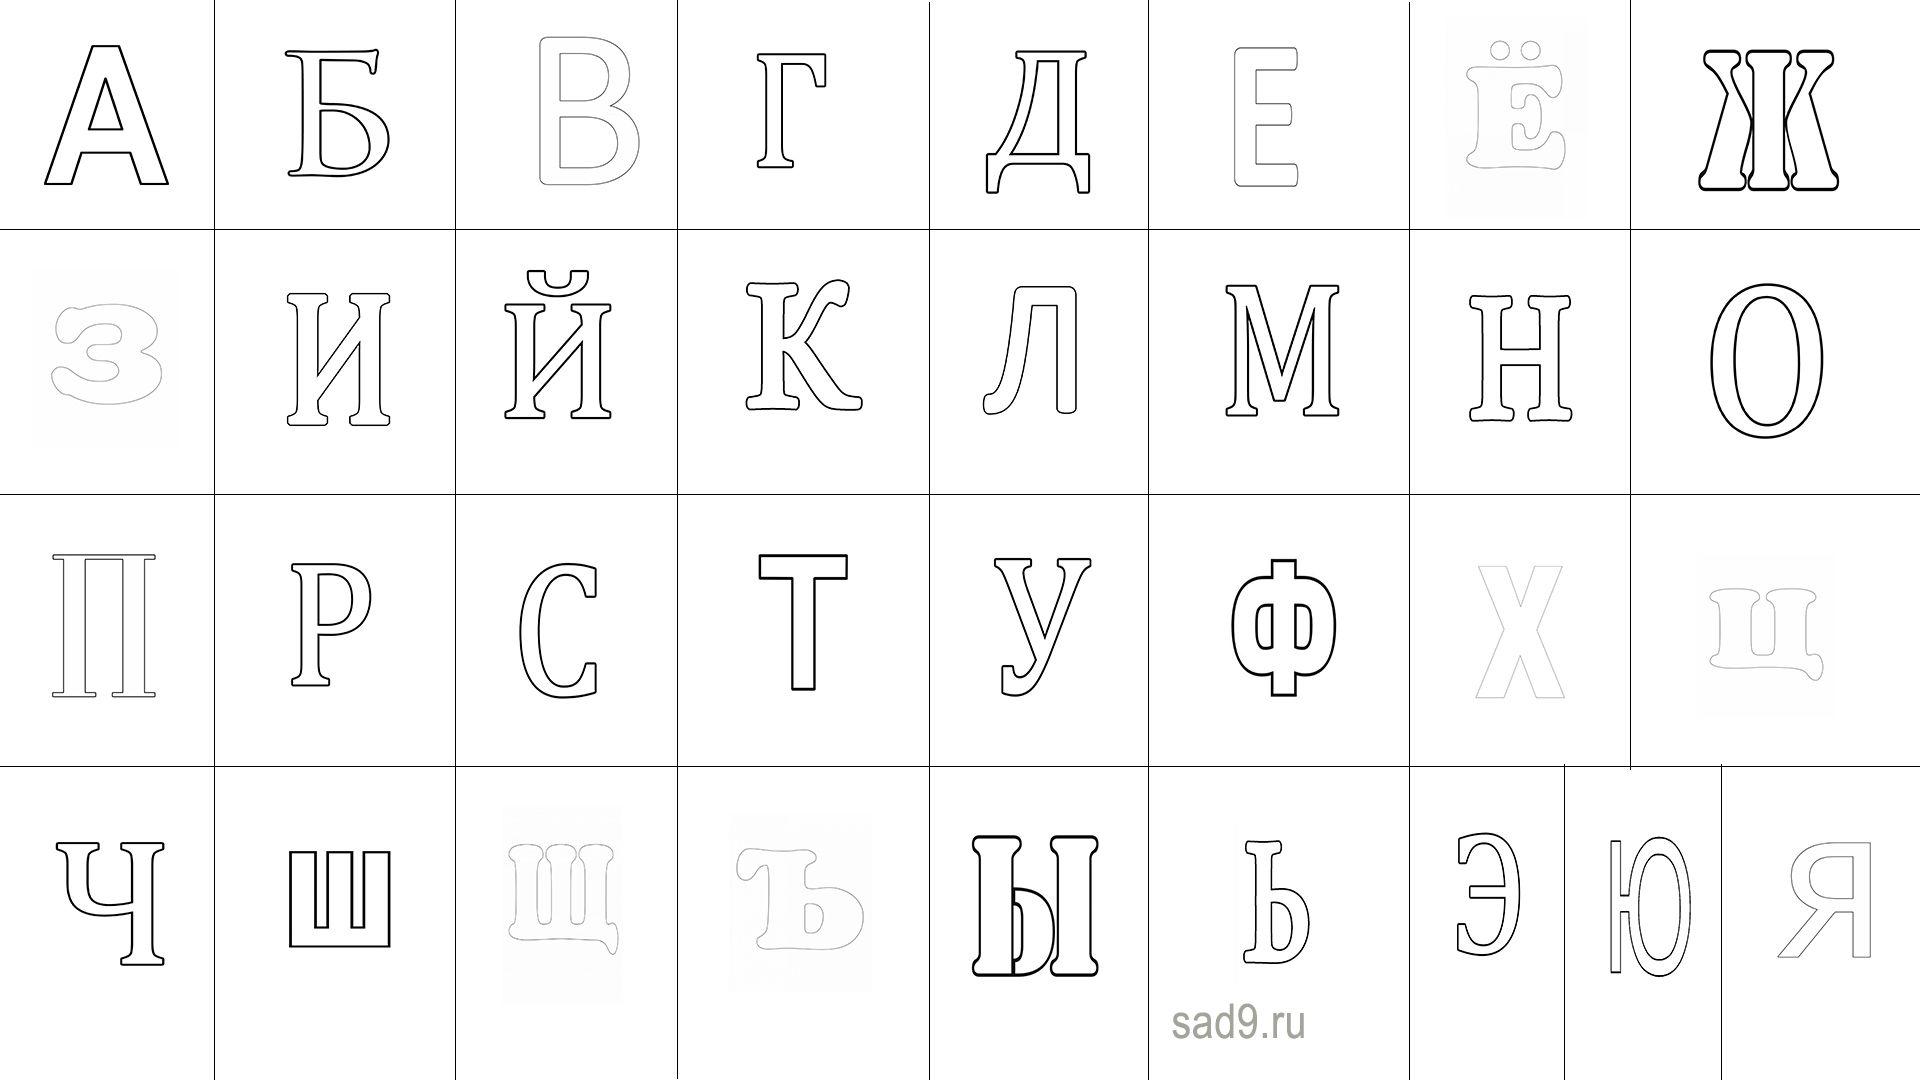 Алфавит раскраски для детей